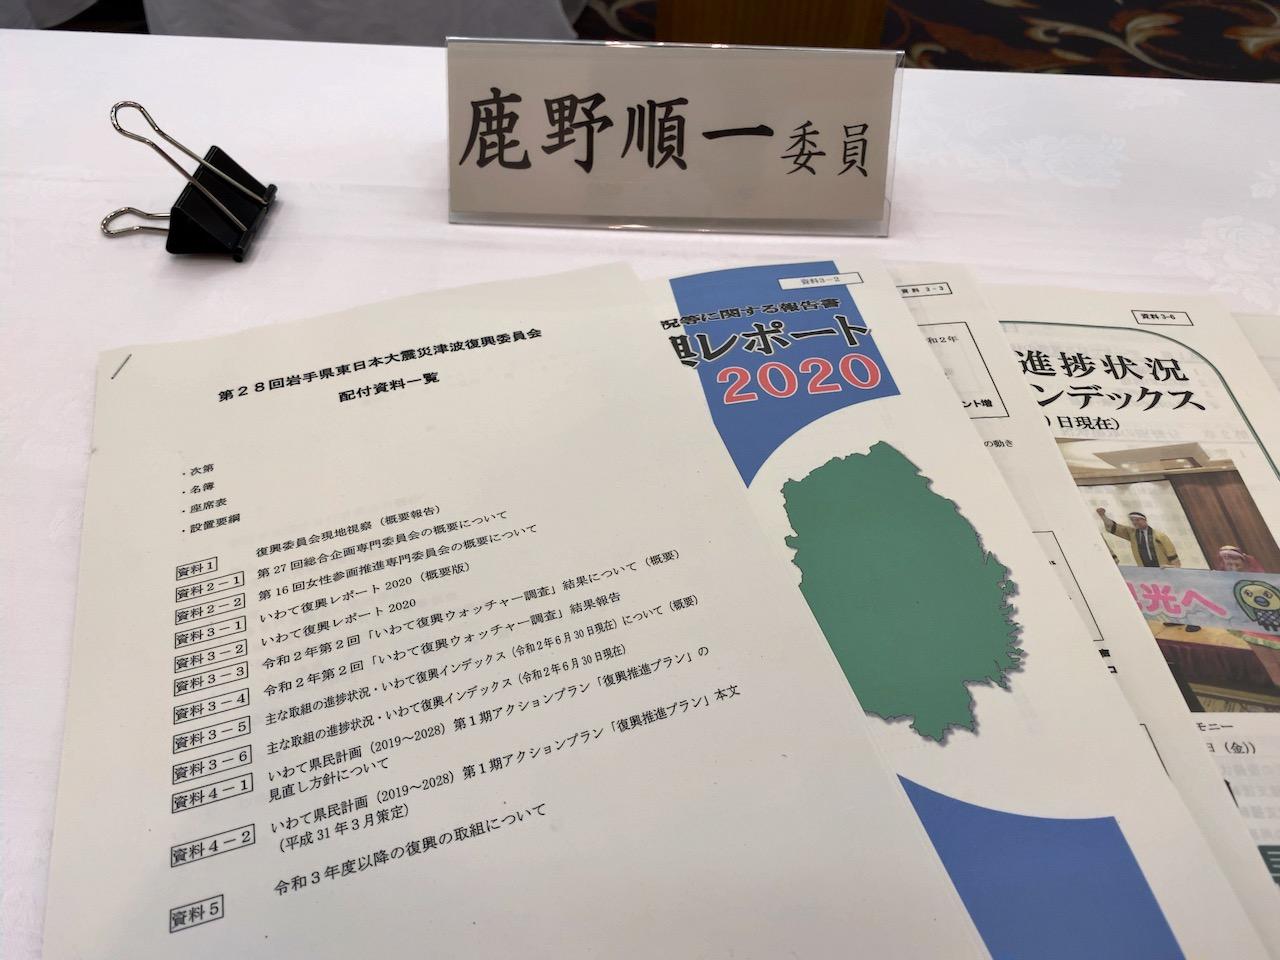 東日本大震災津波復興委員会に出席しました。